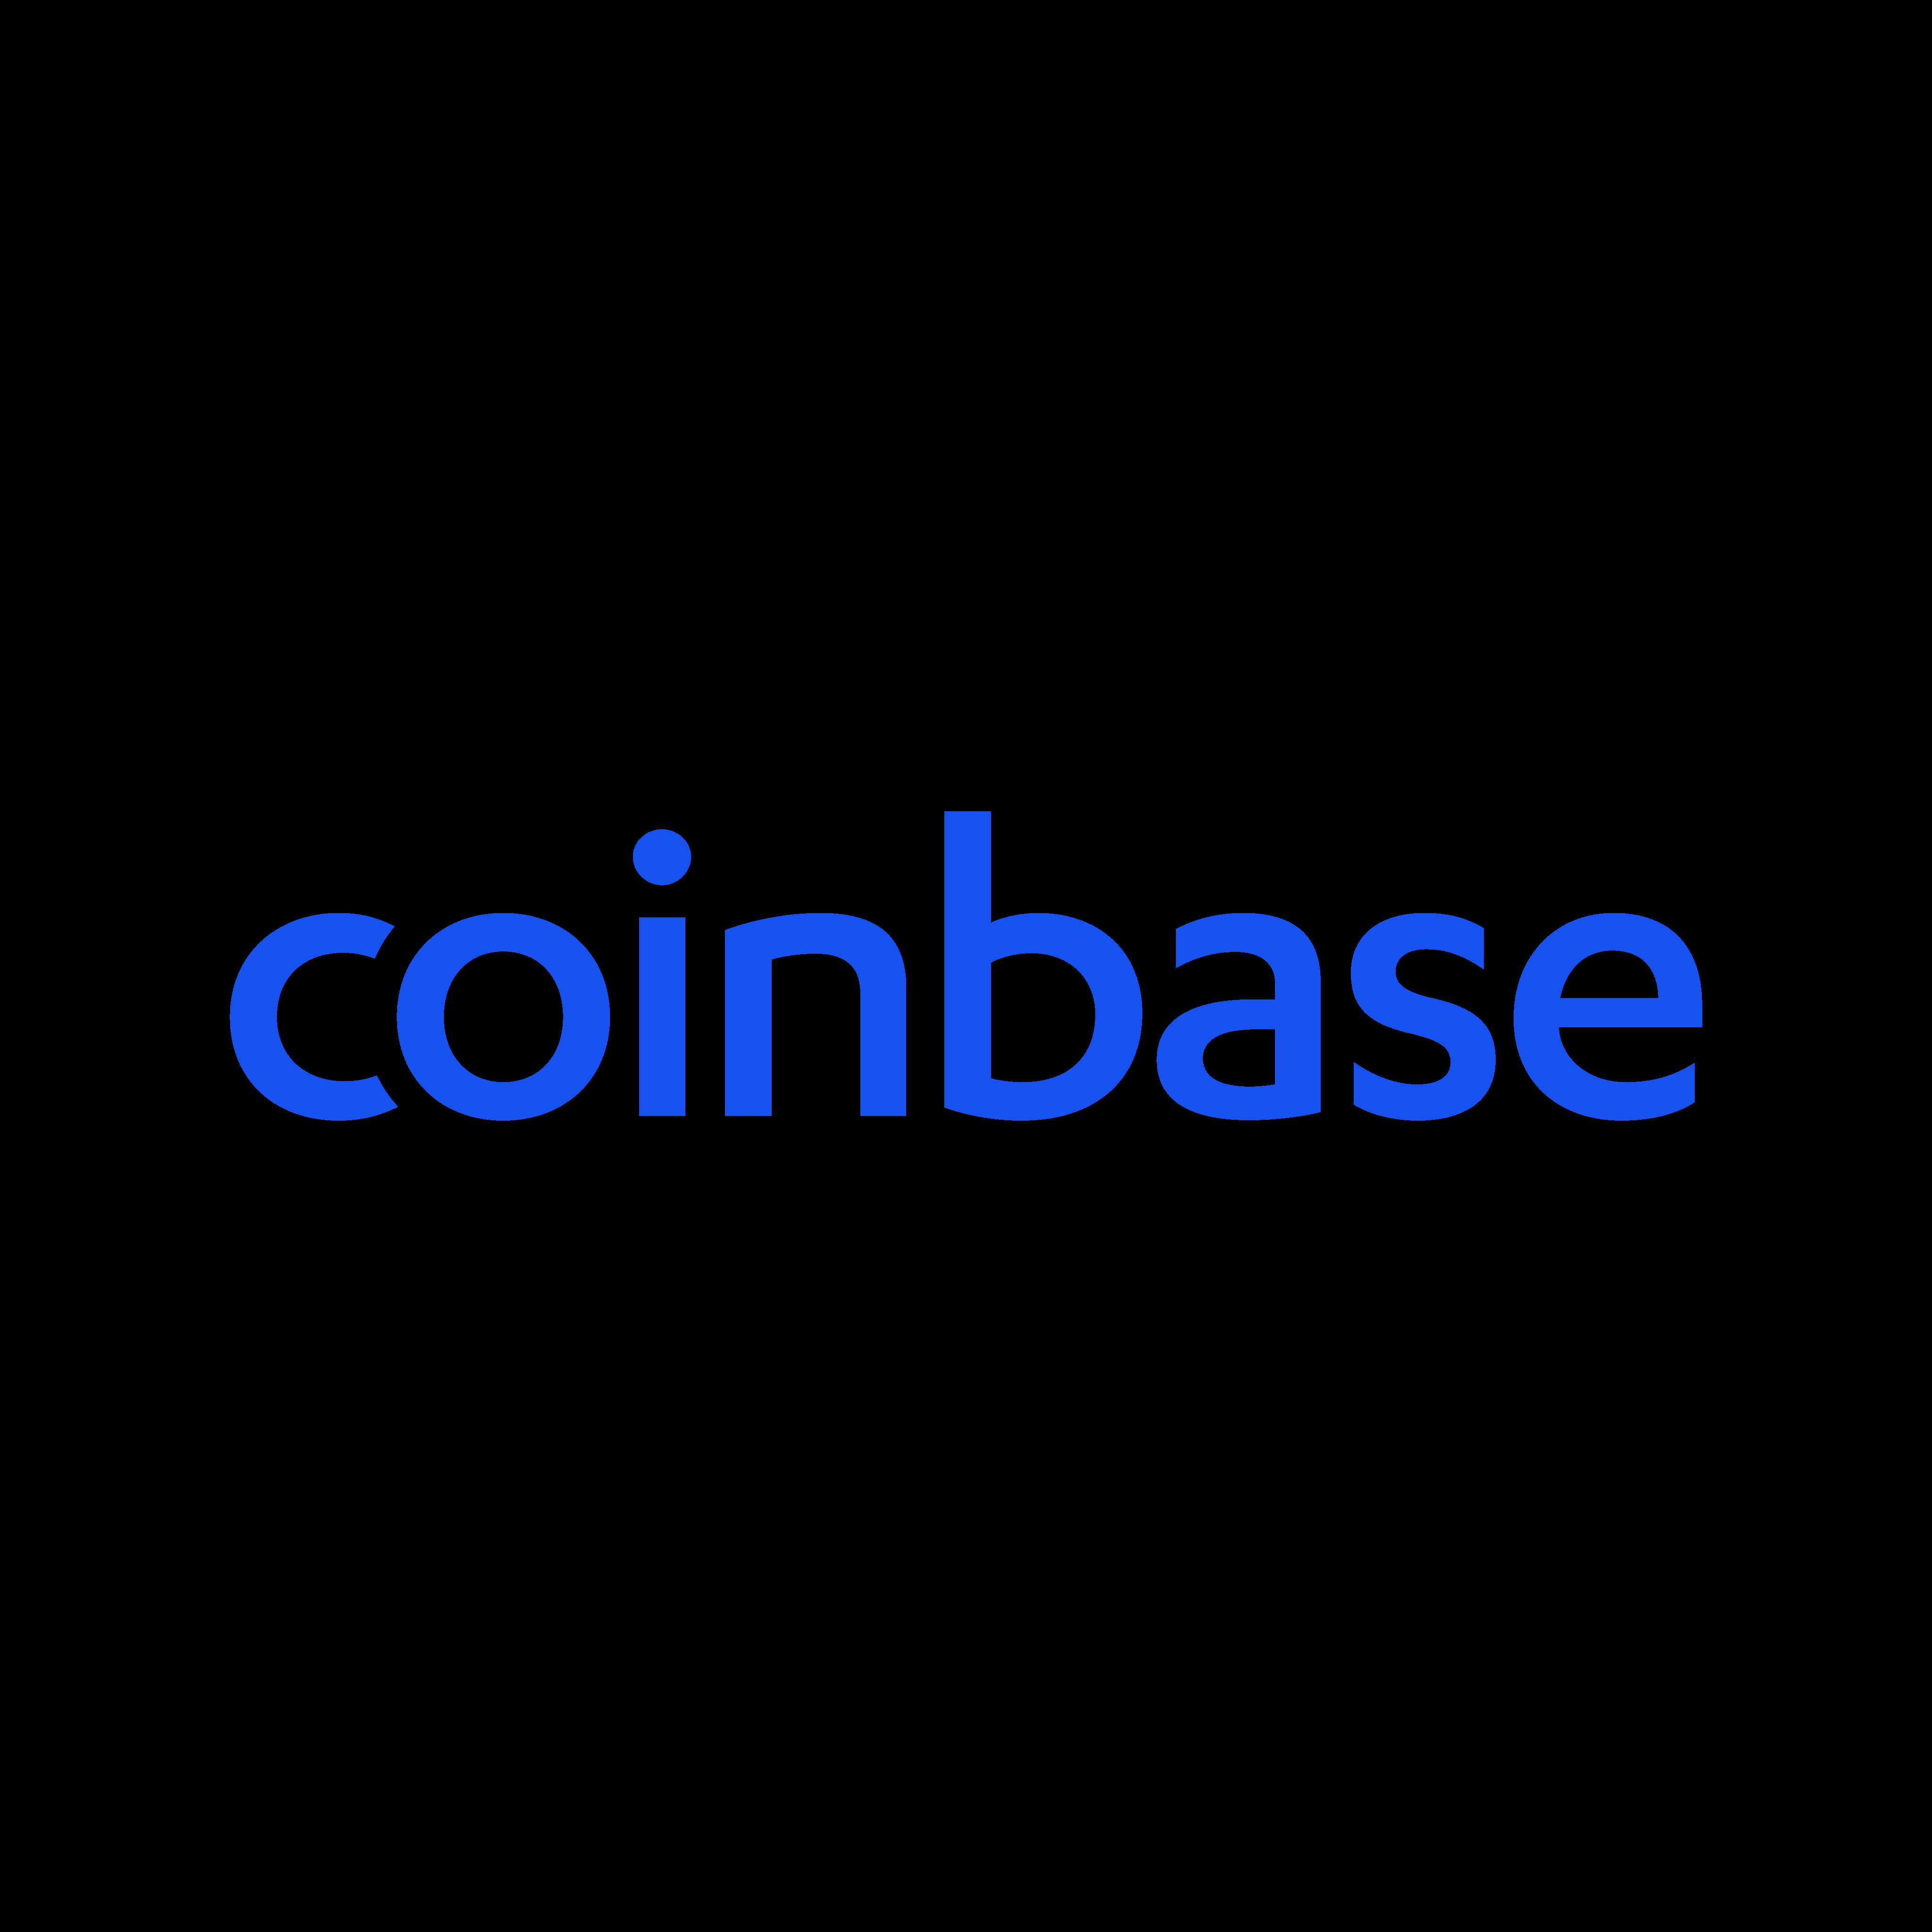 coinbase logo 0 - Coinbase Logo